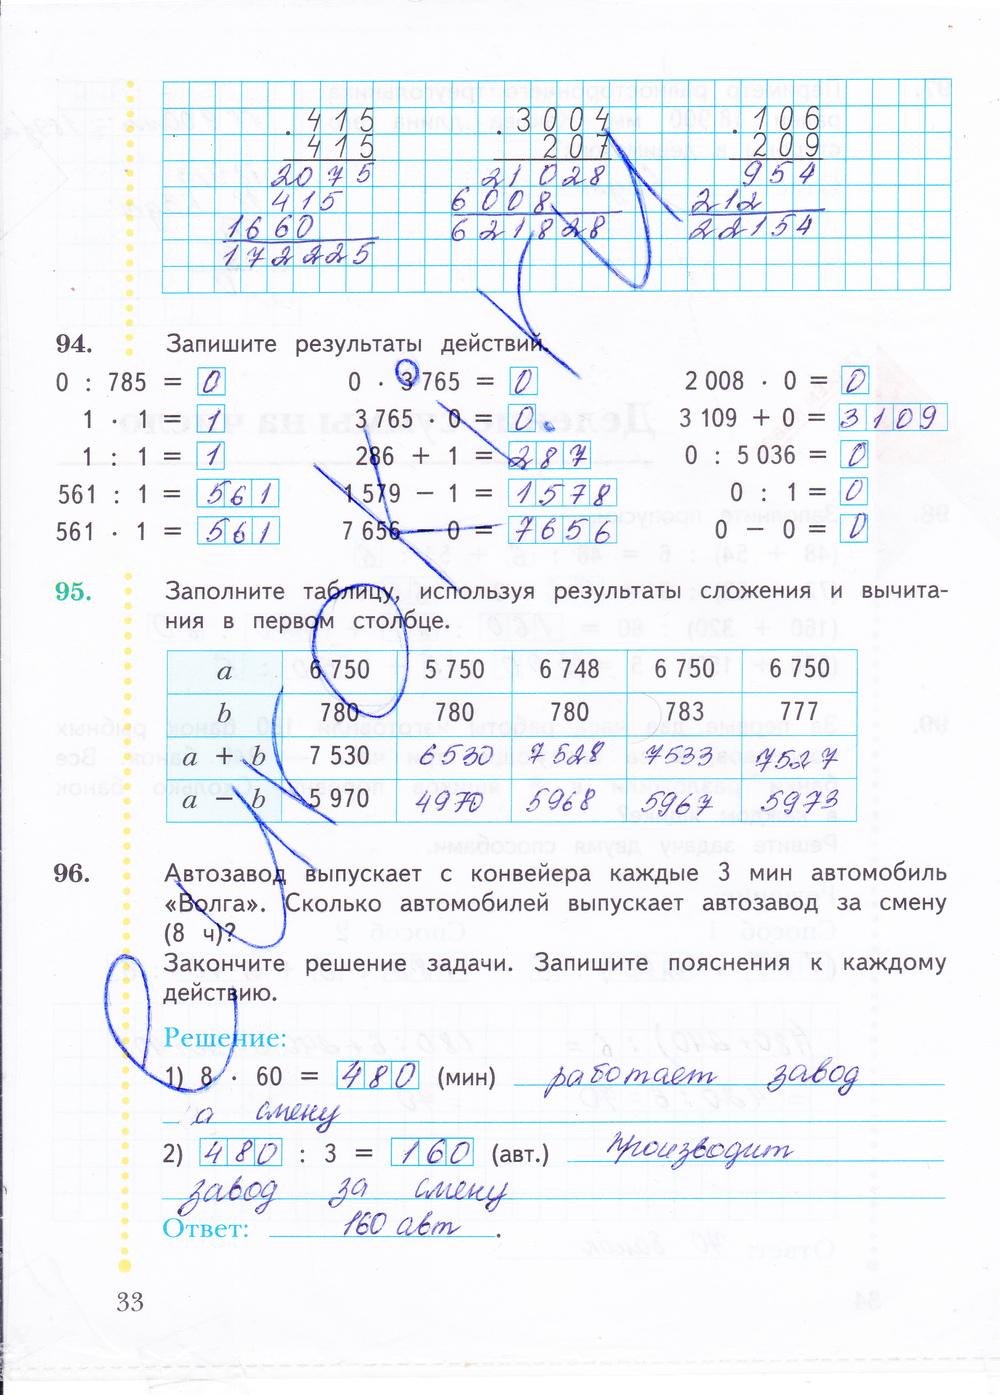 Юдачева тетрадь рудницкая класс математике 4 рабочая 2 гдз по часть